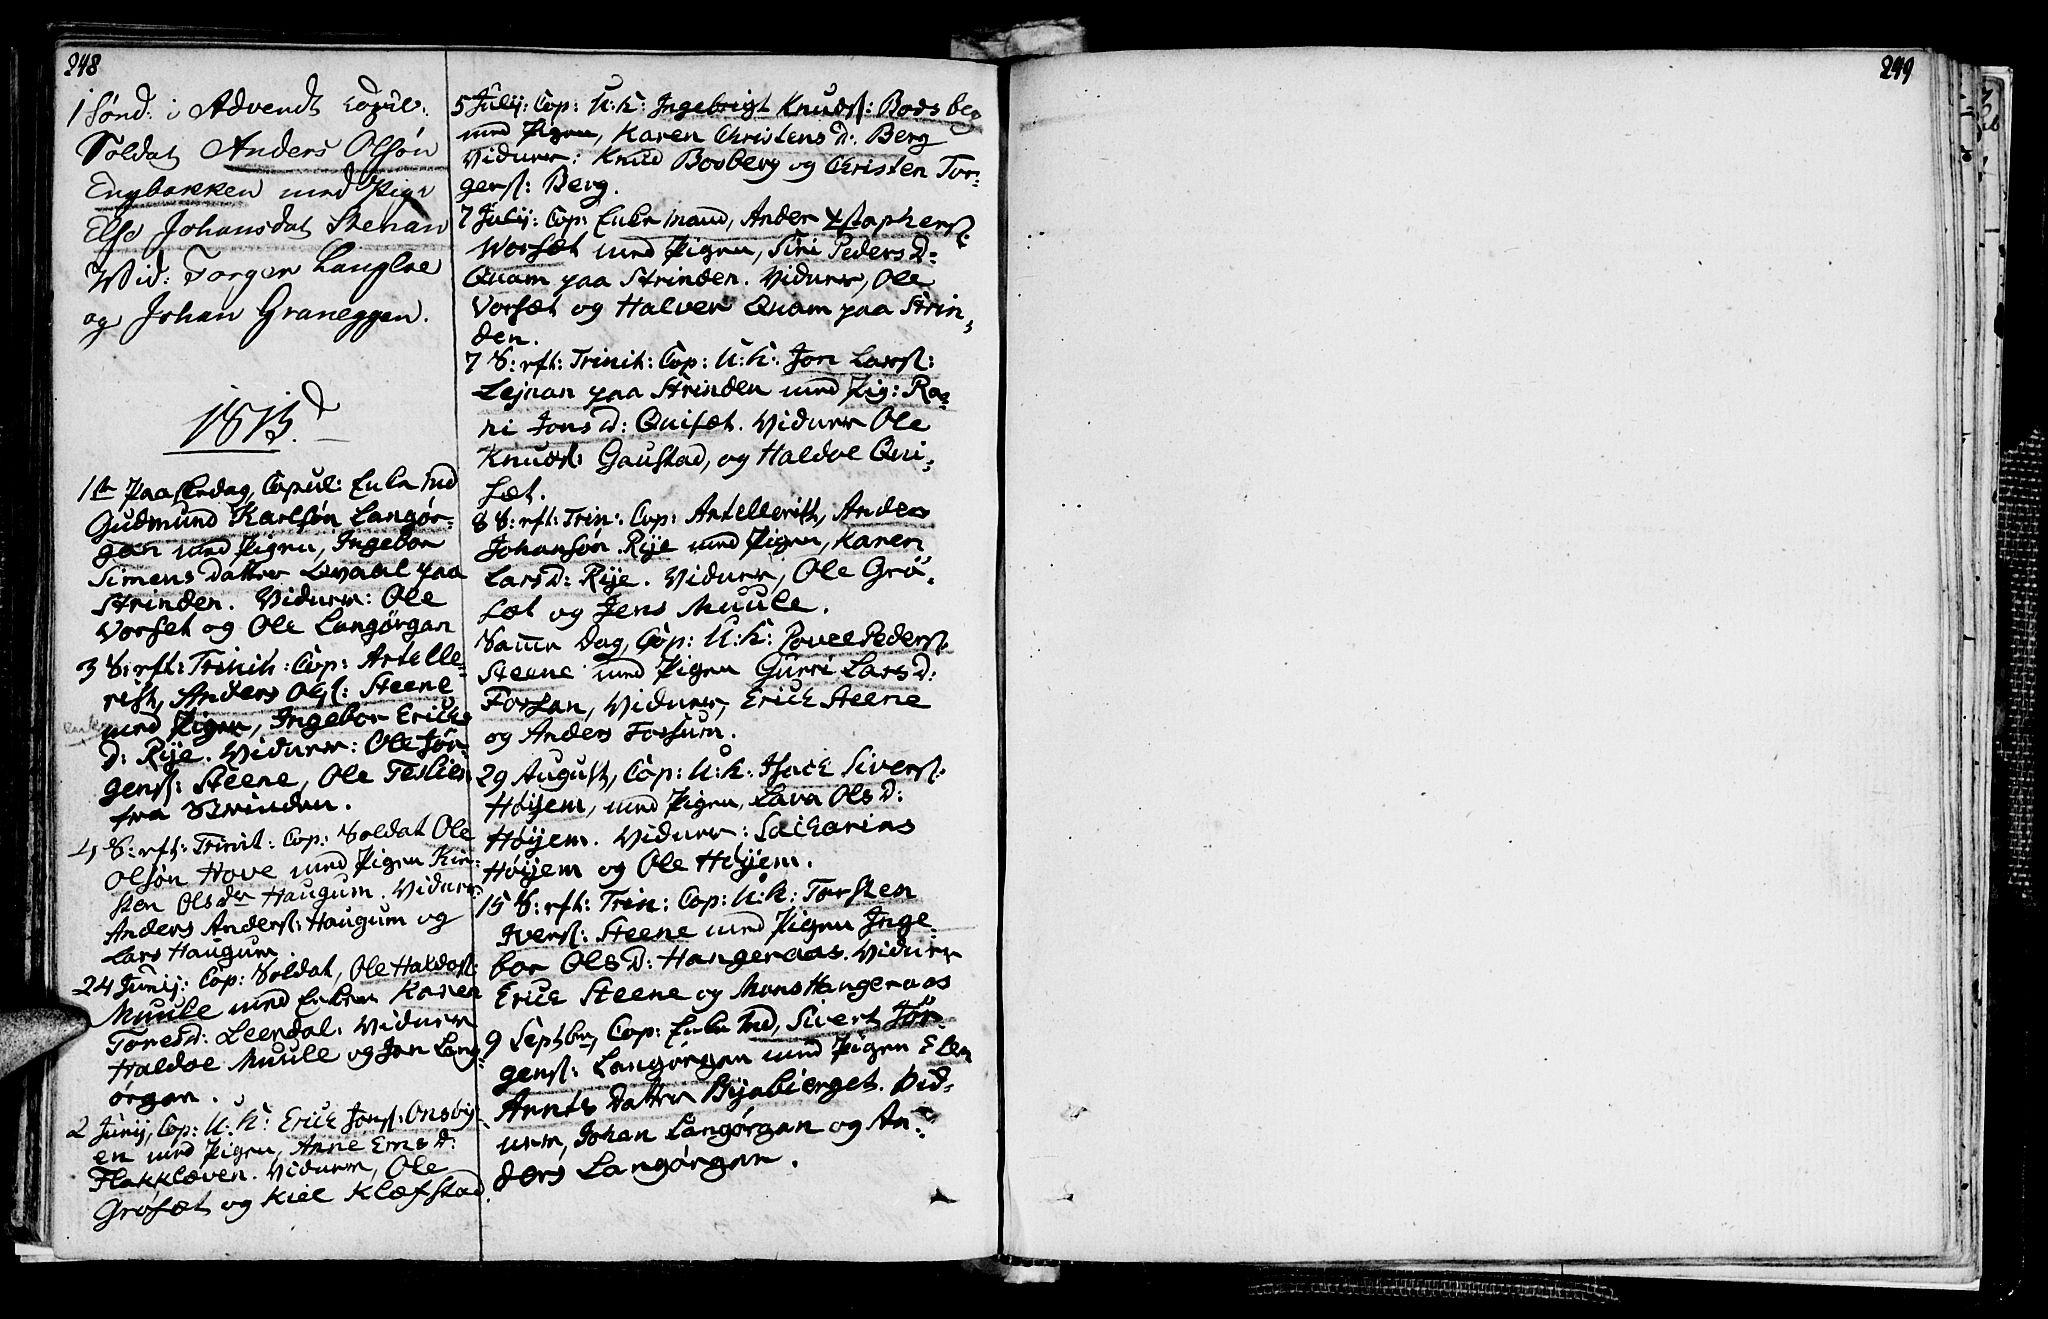 SAT, Ministerialprotokoller, klokkerbøker og fødselsregistre - Sør-Trøndelag, 612/L0371: Ministerialbok nr. 612A05, 1803-1816, s. 248-249